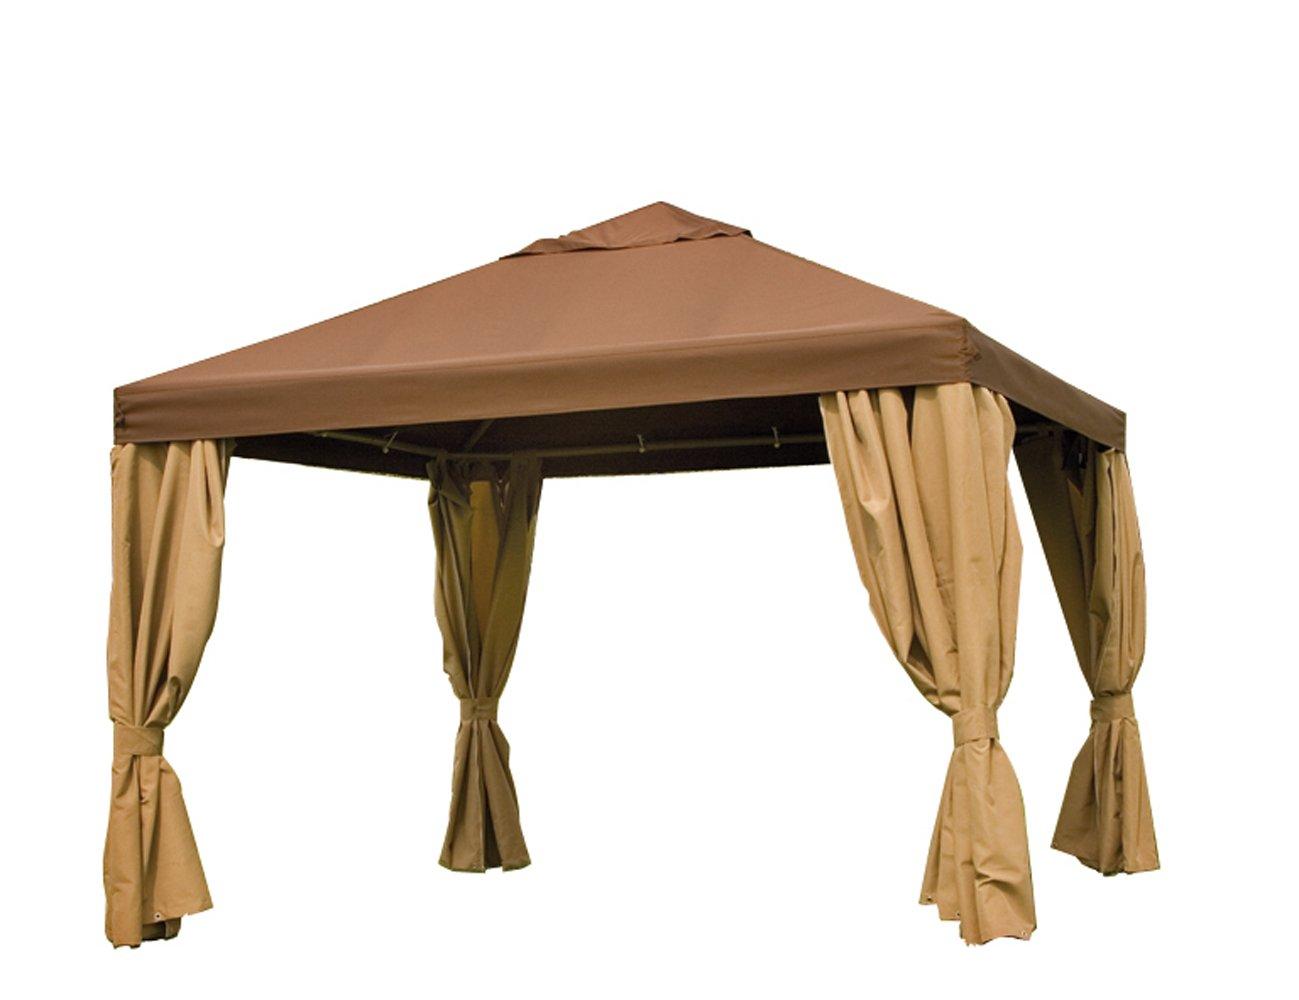 Siena Garden 573320 Dach zu Pavillon Toronto, 3,5×3,5m Polyester 250g/m² mocca PU-beschichtet günstig kaufen